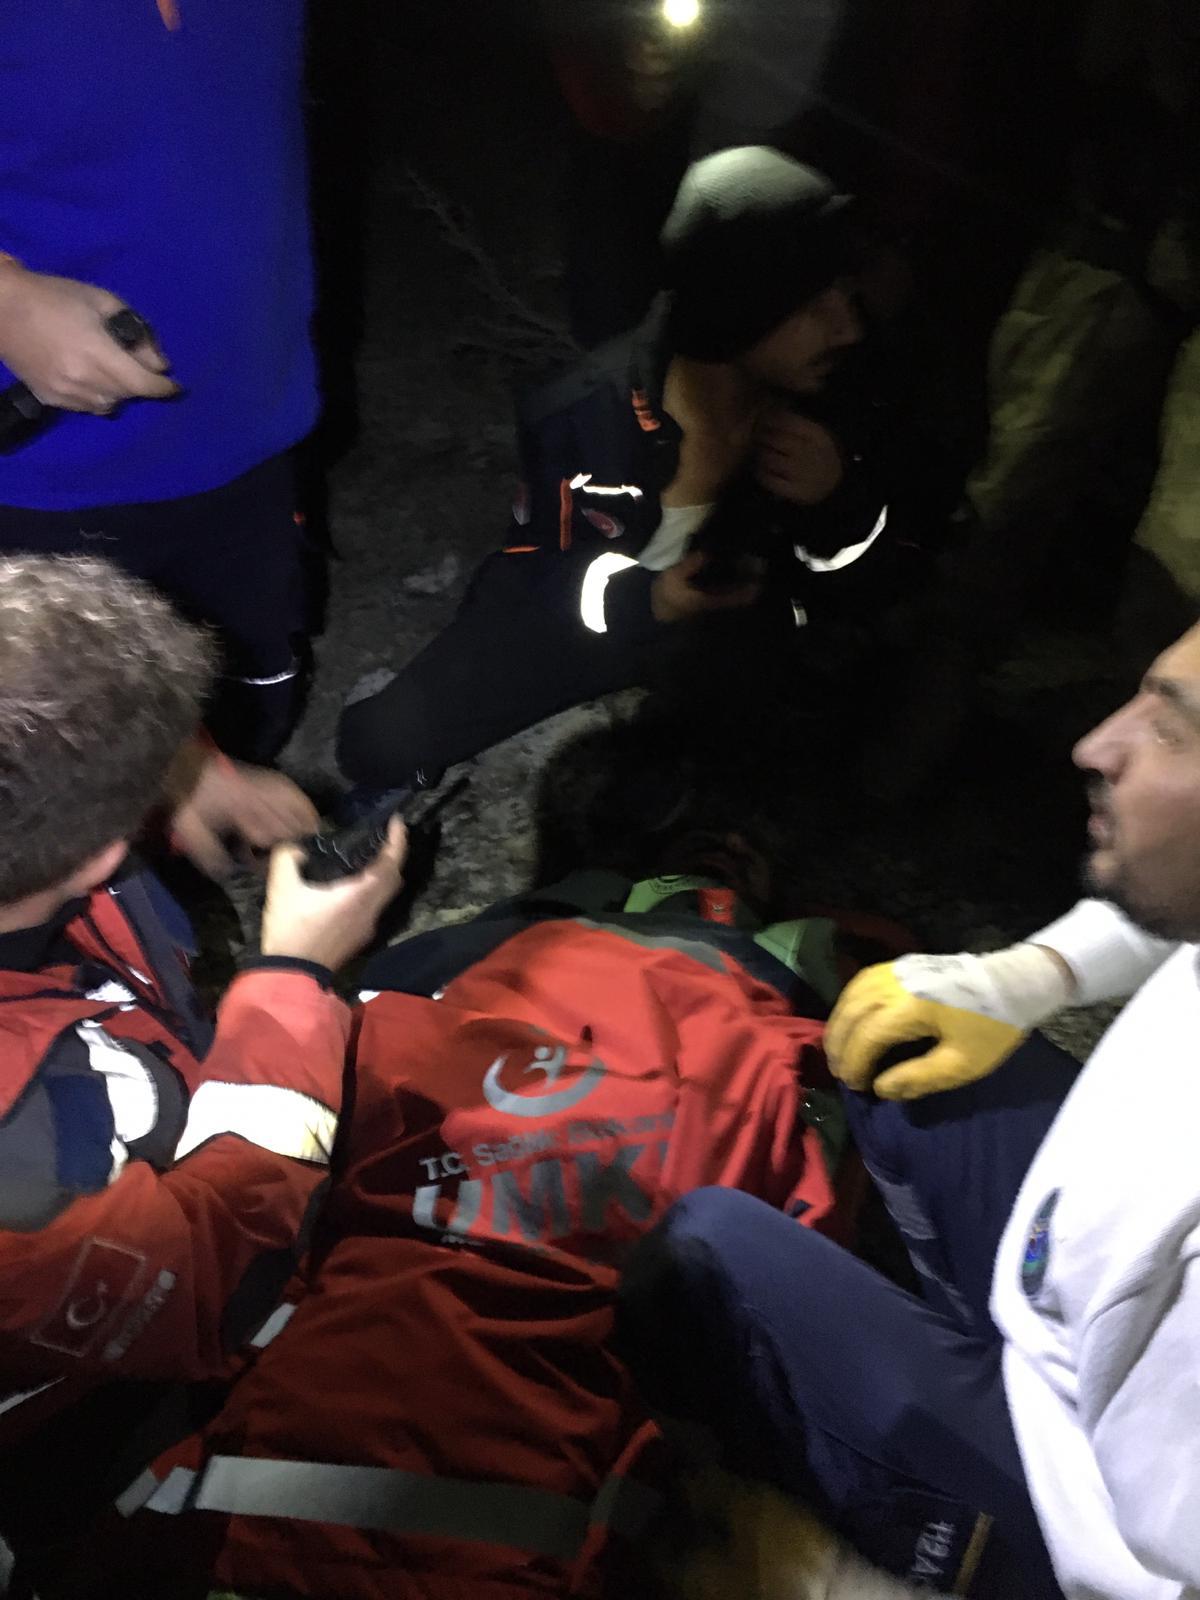 Uçurumdan yuvarlanan bisikletçi, helikopterle kurtarıldı